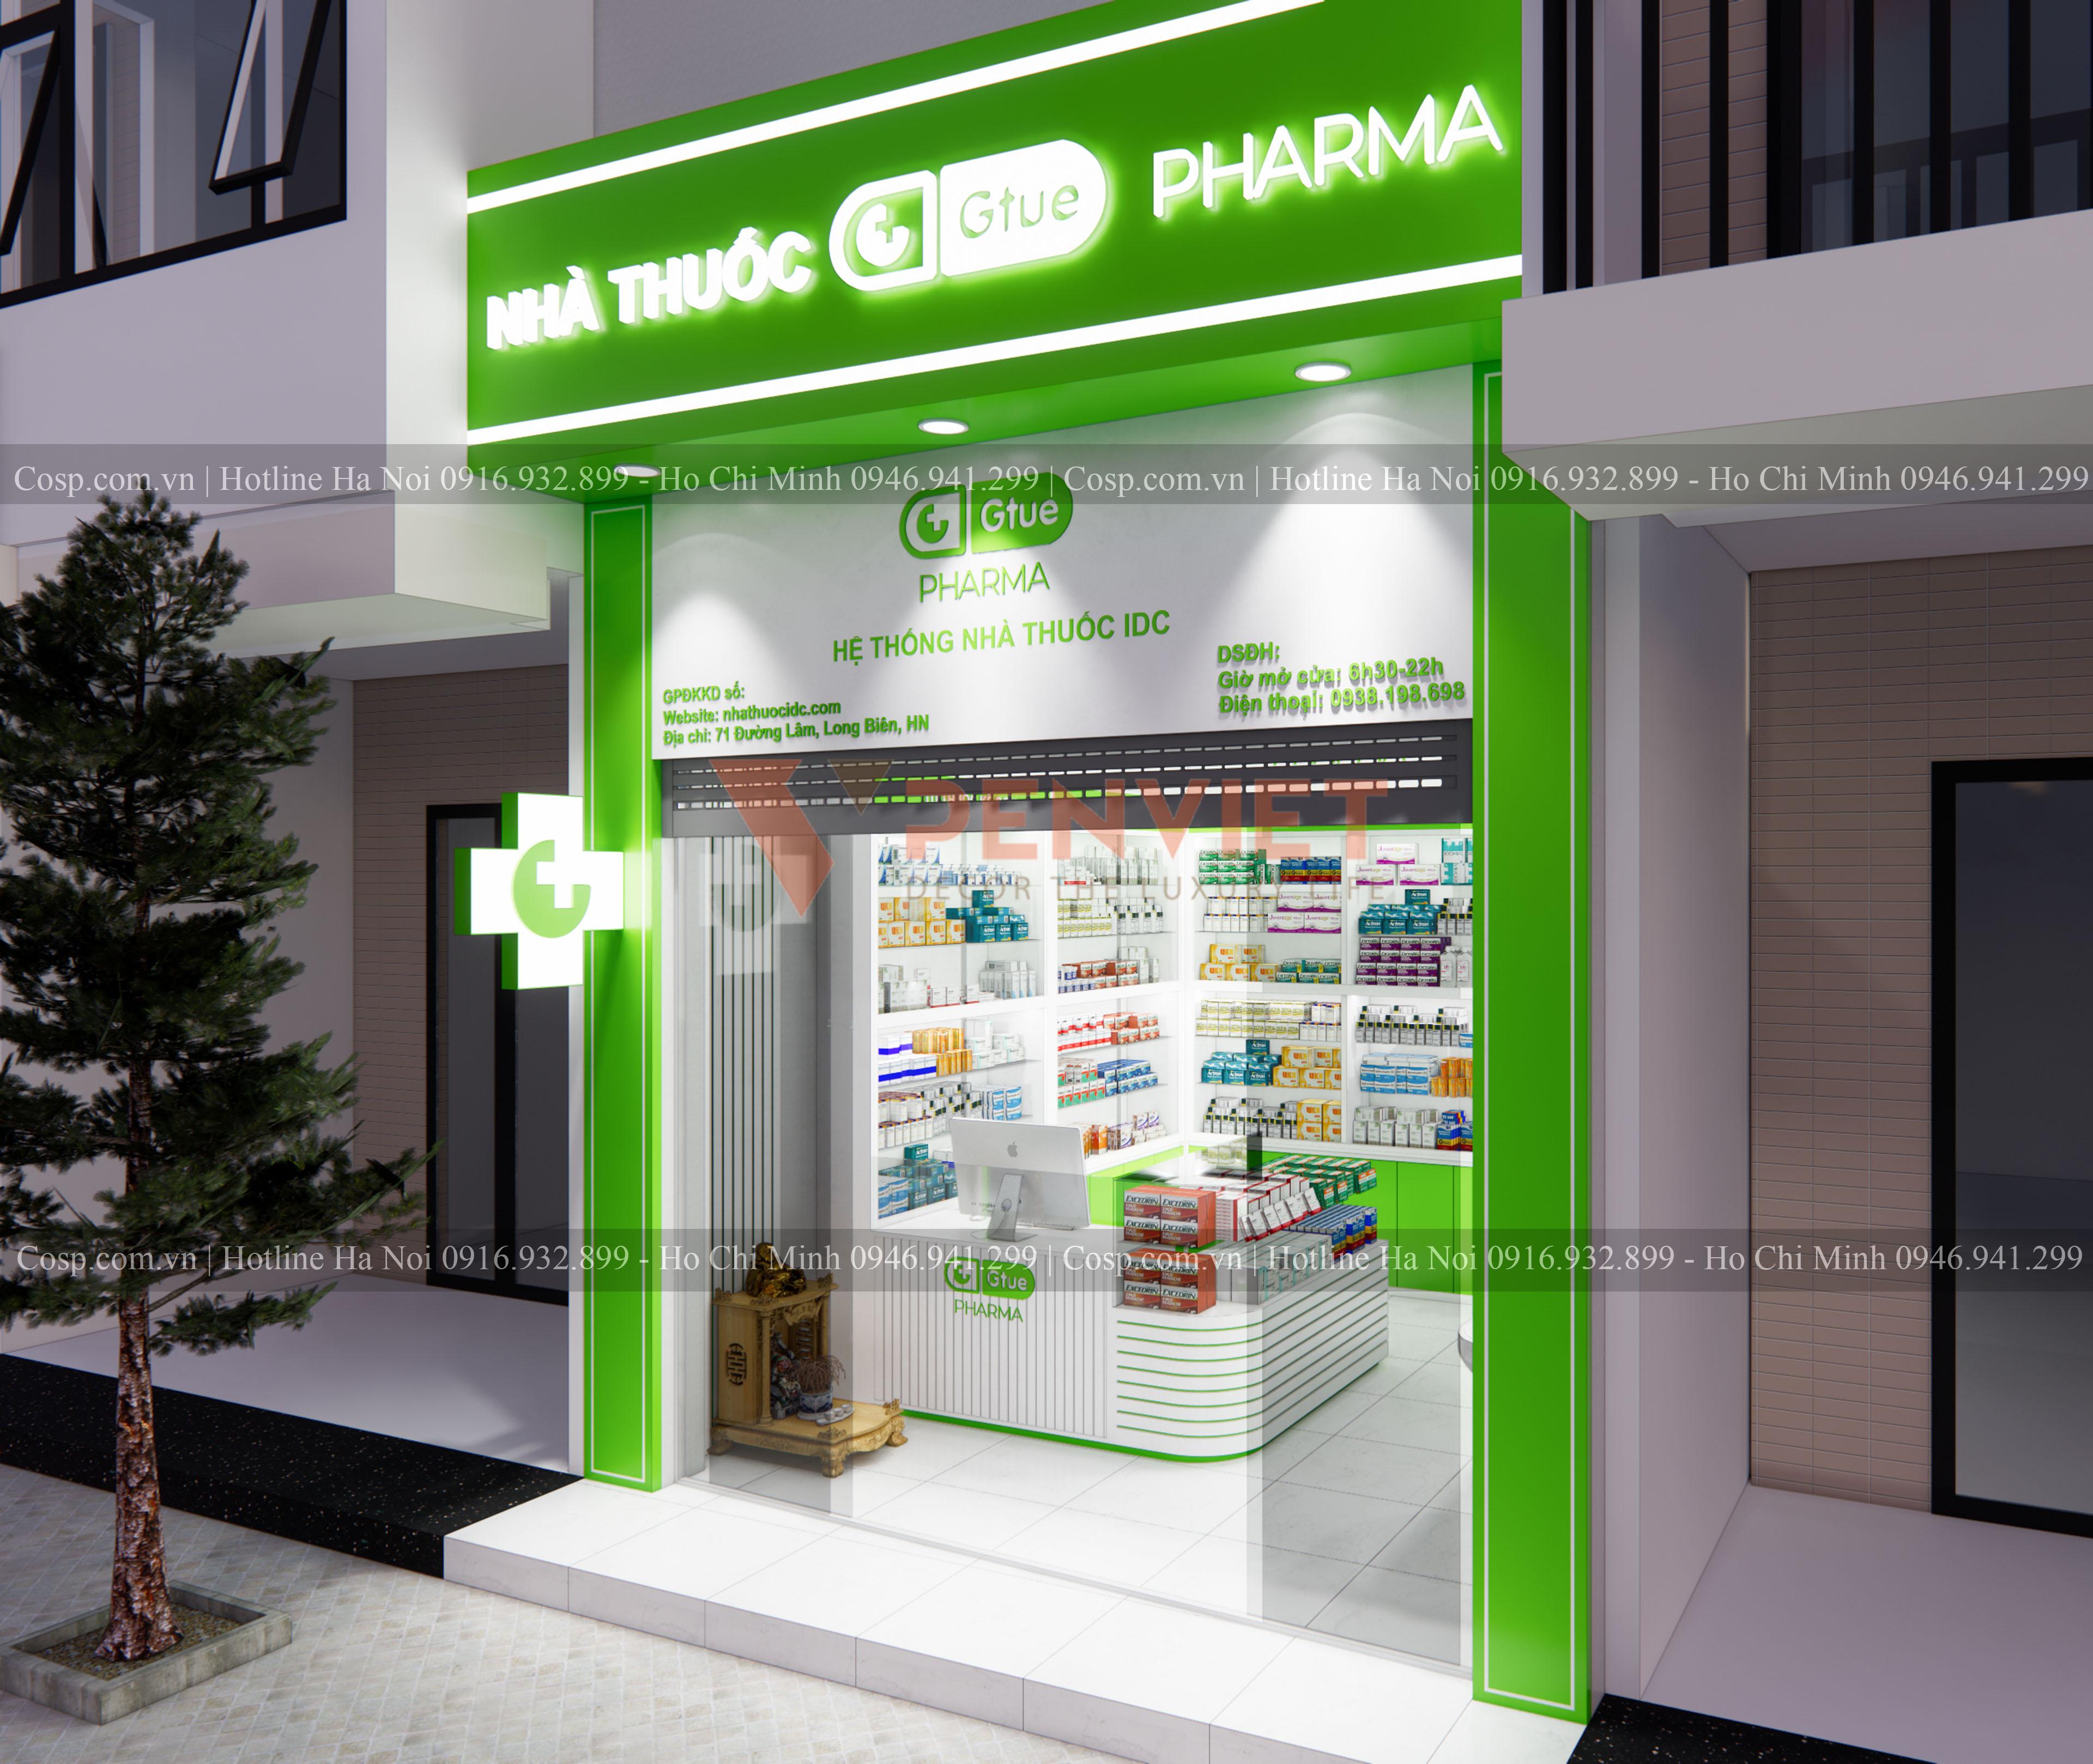 Khu vực mặt tiền của mẫu thiết kế hiệu thuốc Gtue - Pharma